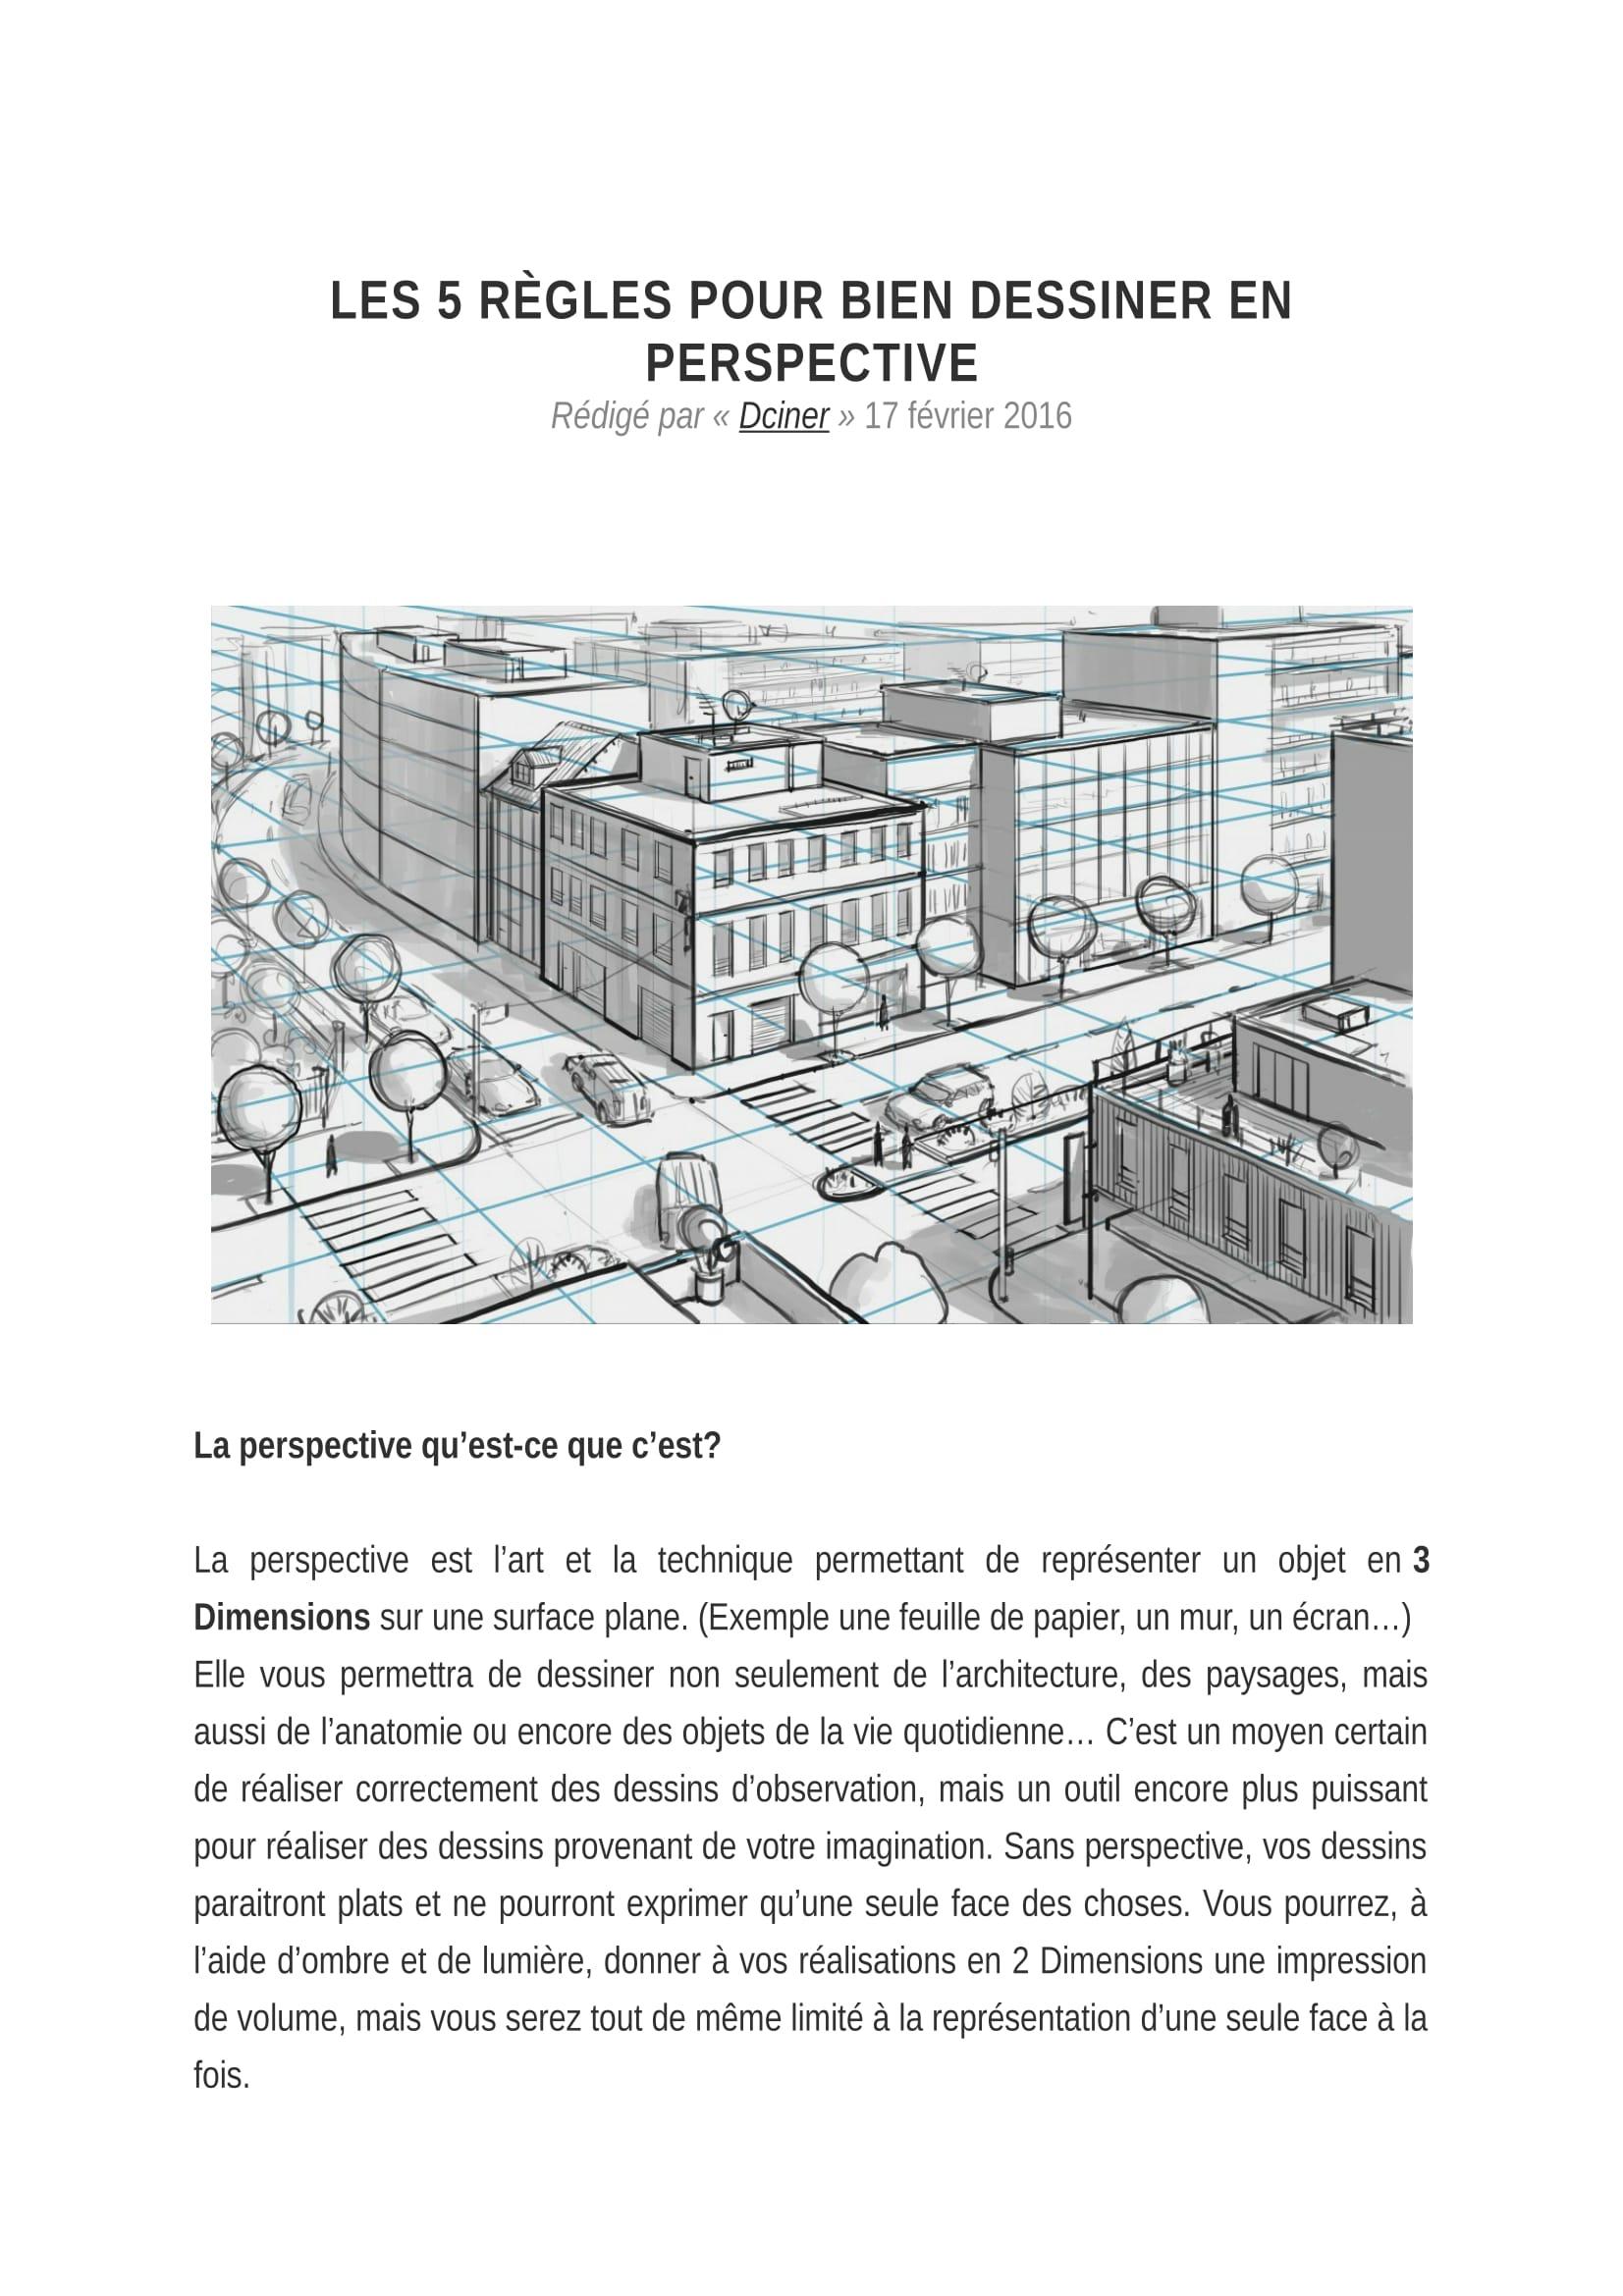 LES_5_R+êGLES_POUR_BIEN_DESSINER_EN_PERSPECTIVE_Acanthe-01[1].jpg